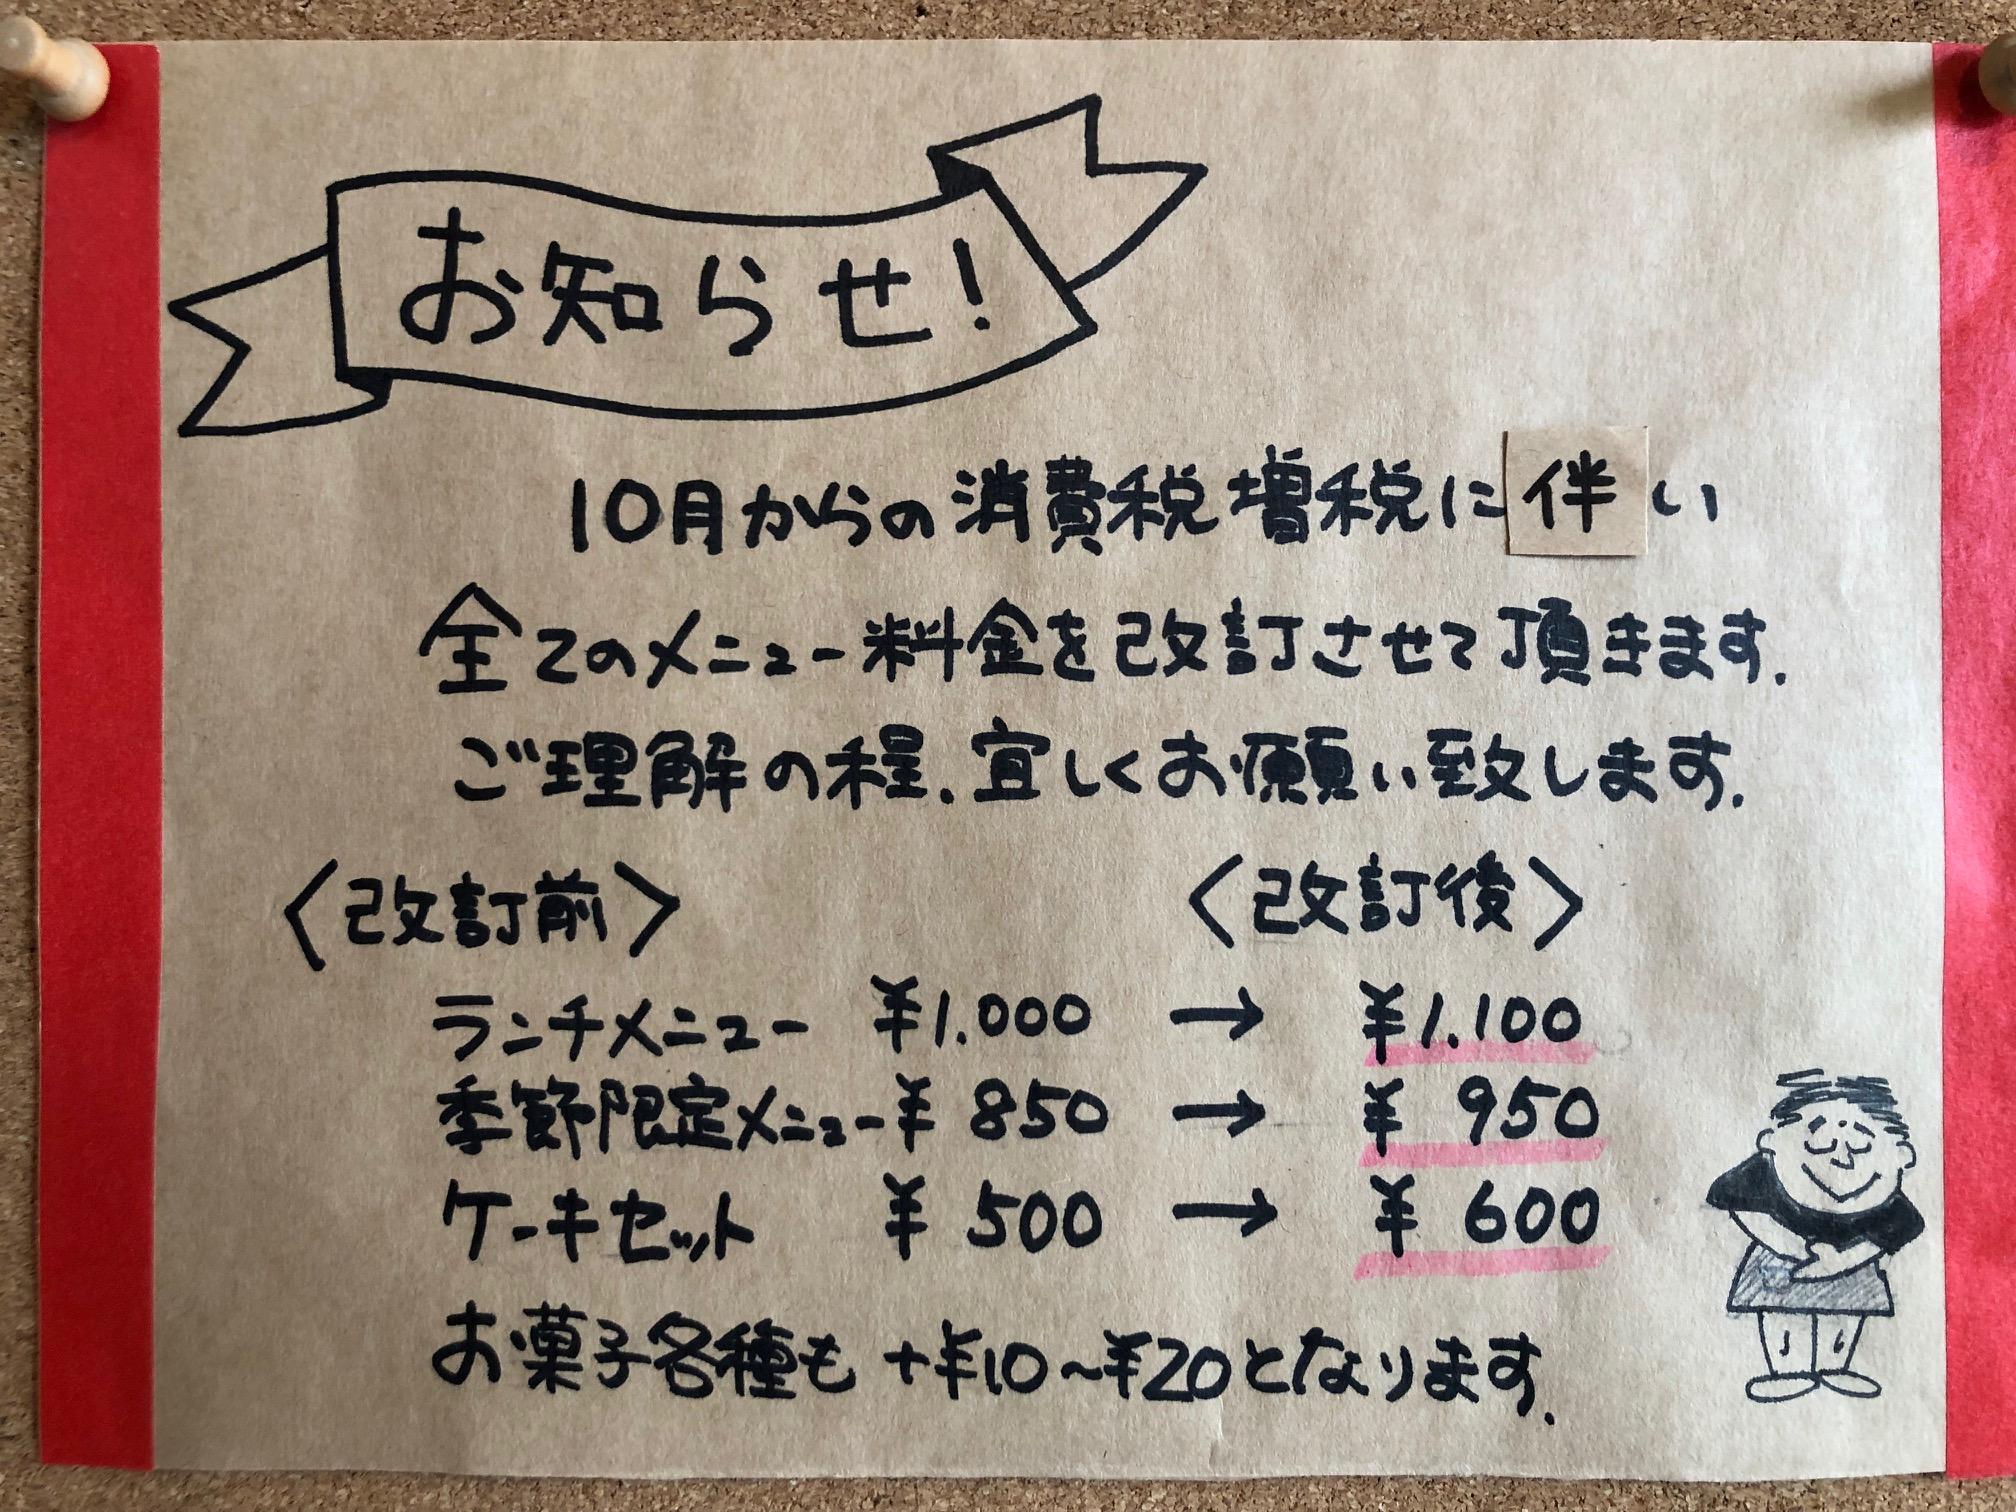 10月1日から各種料金を改定します。